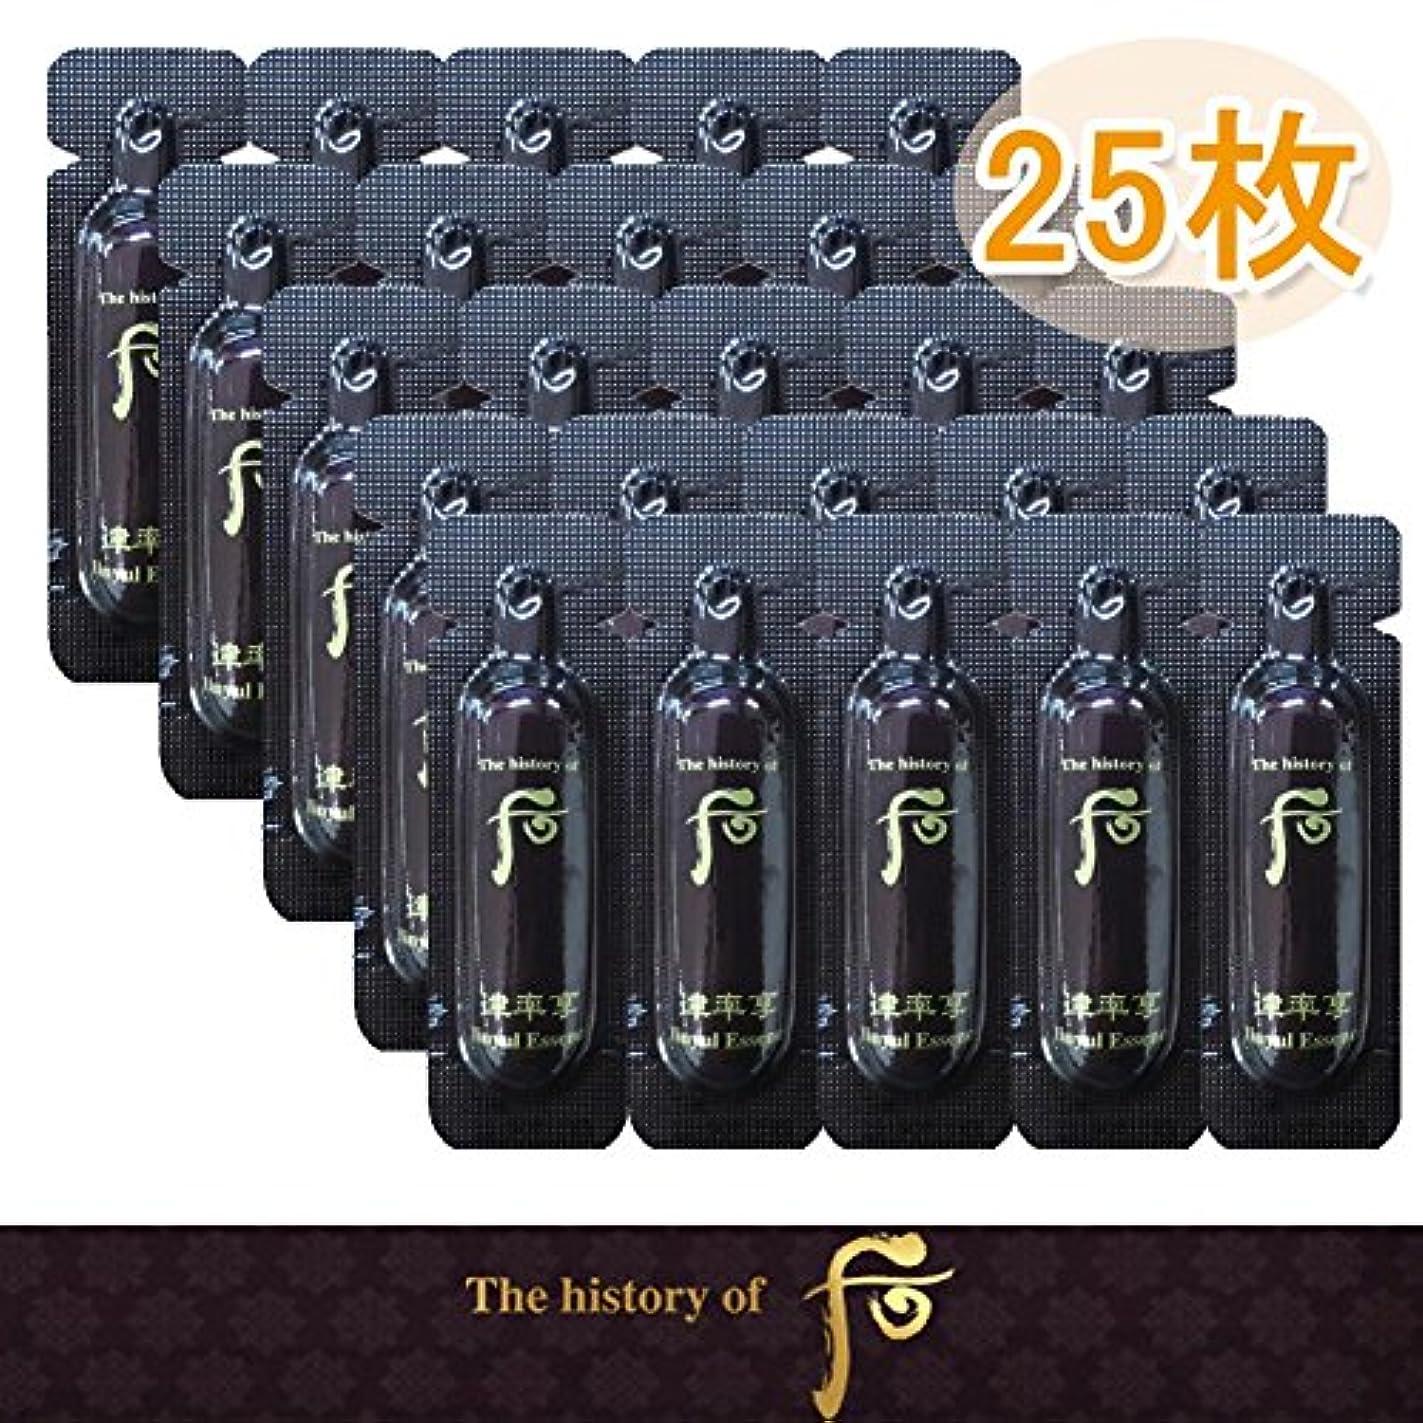 目覚める鋭く不潔【韓国コスメ オフィThe history of 后 [ドフー]Whoo Jinyul Essence ジンユルエッセンス サンプル 1ml x25枚 25ml+ Sample Gift [海外直送品]